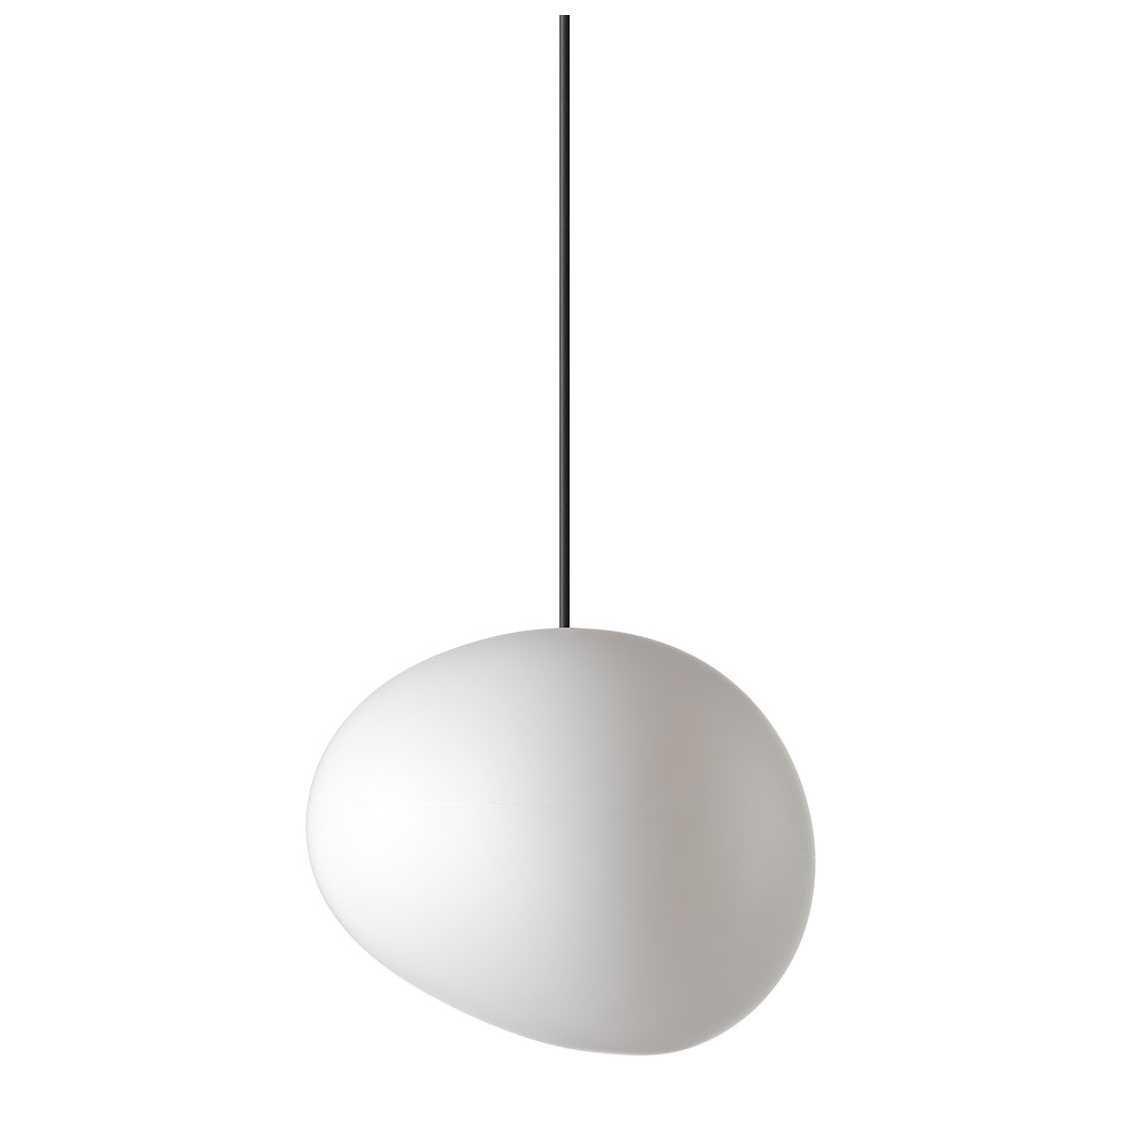 Foscarini Gregg Outdoor Hanglamp piccola